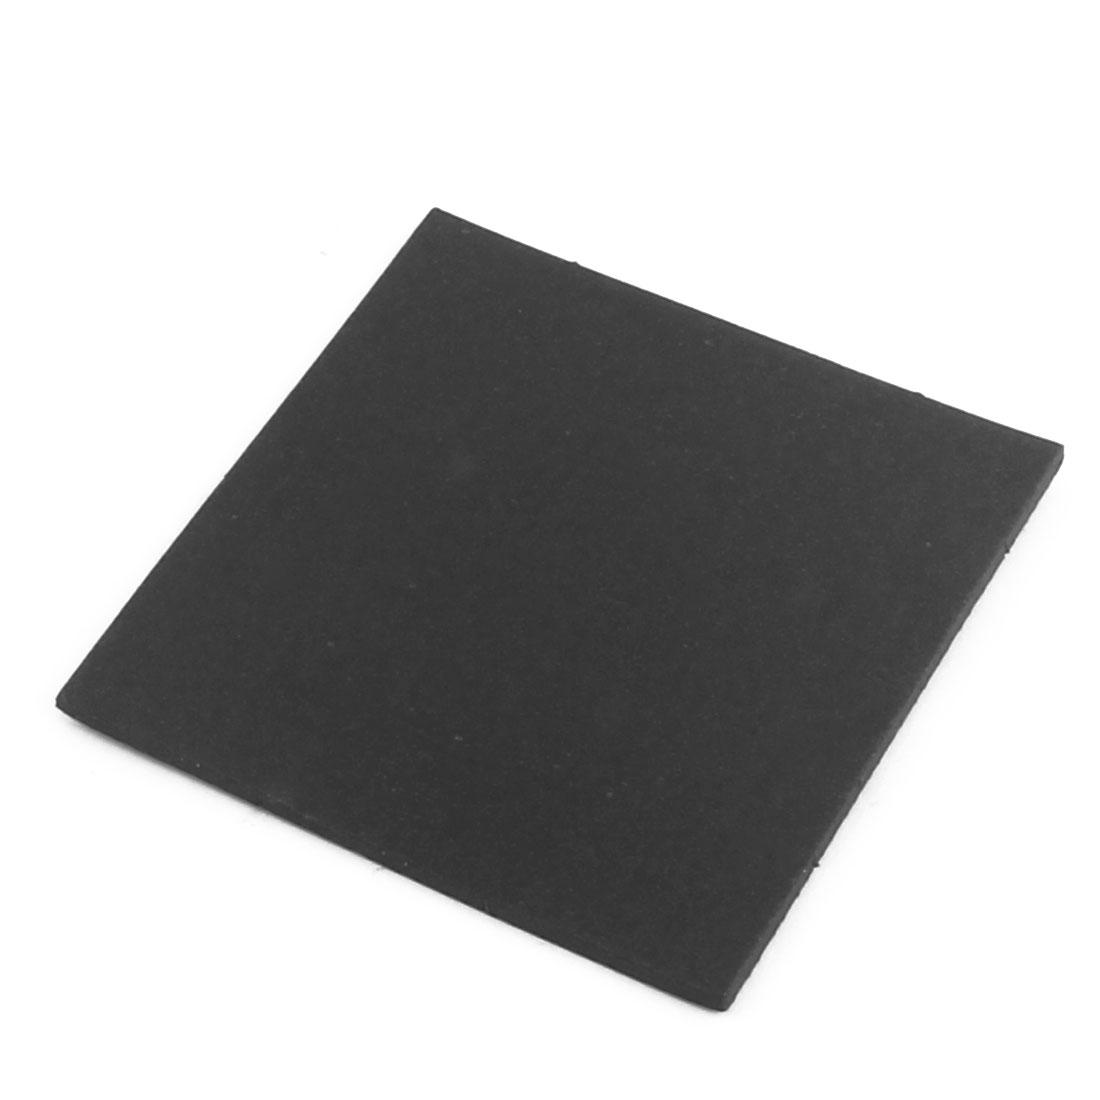 Accueil Table carrée Ameublement Chaise Coussin Protecteur Mat Tapis 88 x 88mm 4pcs - image 2 de 3